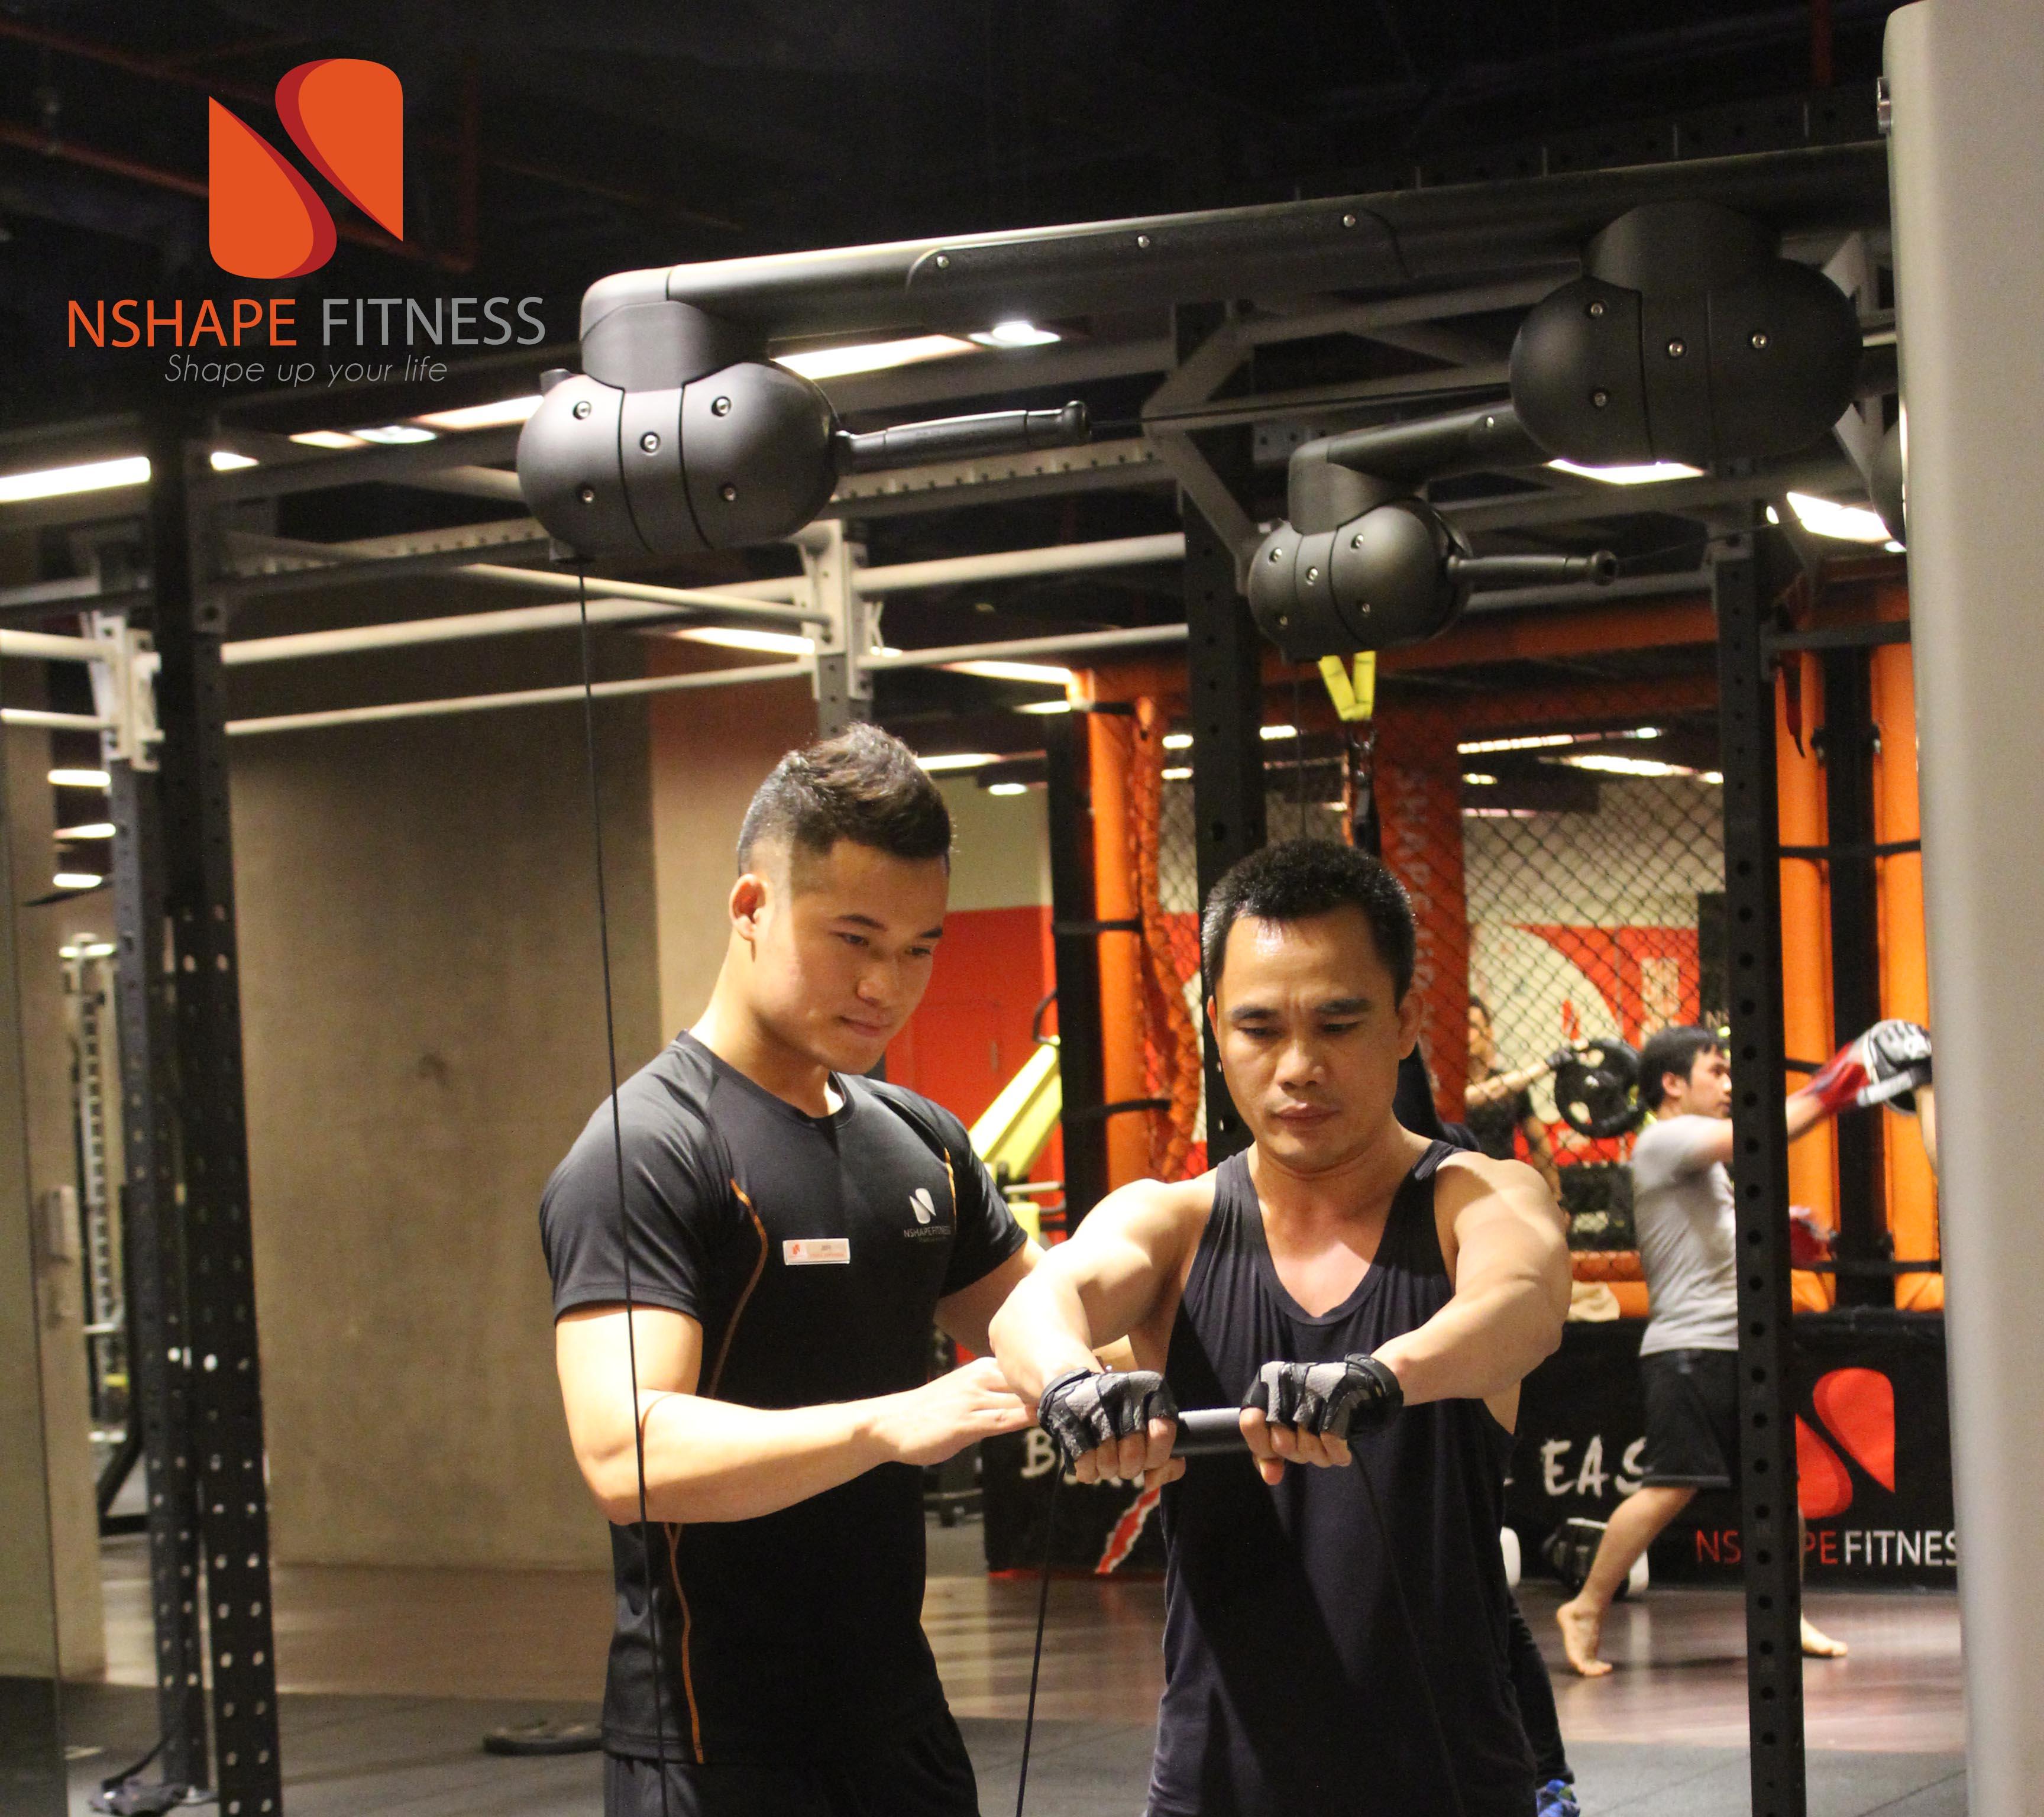 Top 5 phòng gym đang nổi tại Hà Nội, có nơi đang ưu đãi cực hời không phải ai cũng biết - Ảnh 8.